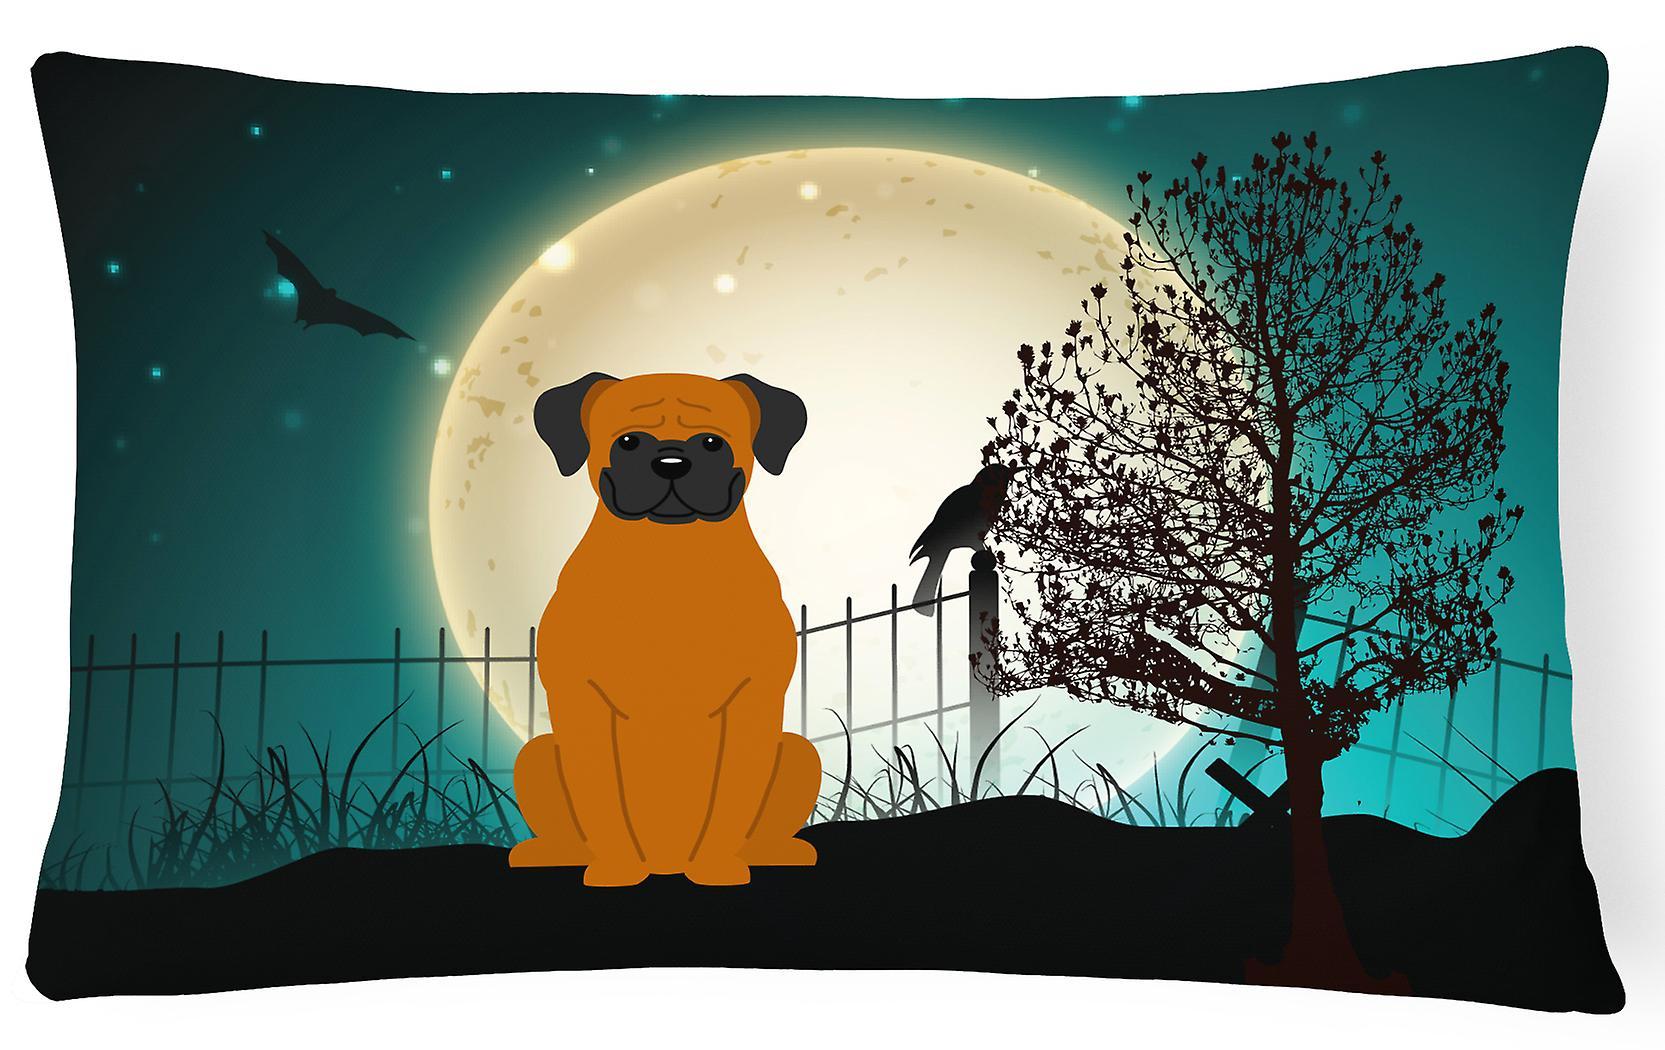 Fauve Décoratif Halloween Oreiller Boxer Toile Effrayant Tissu vwOy8nm0PN